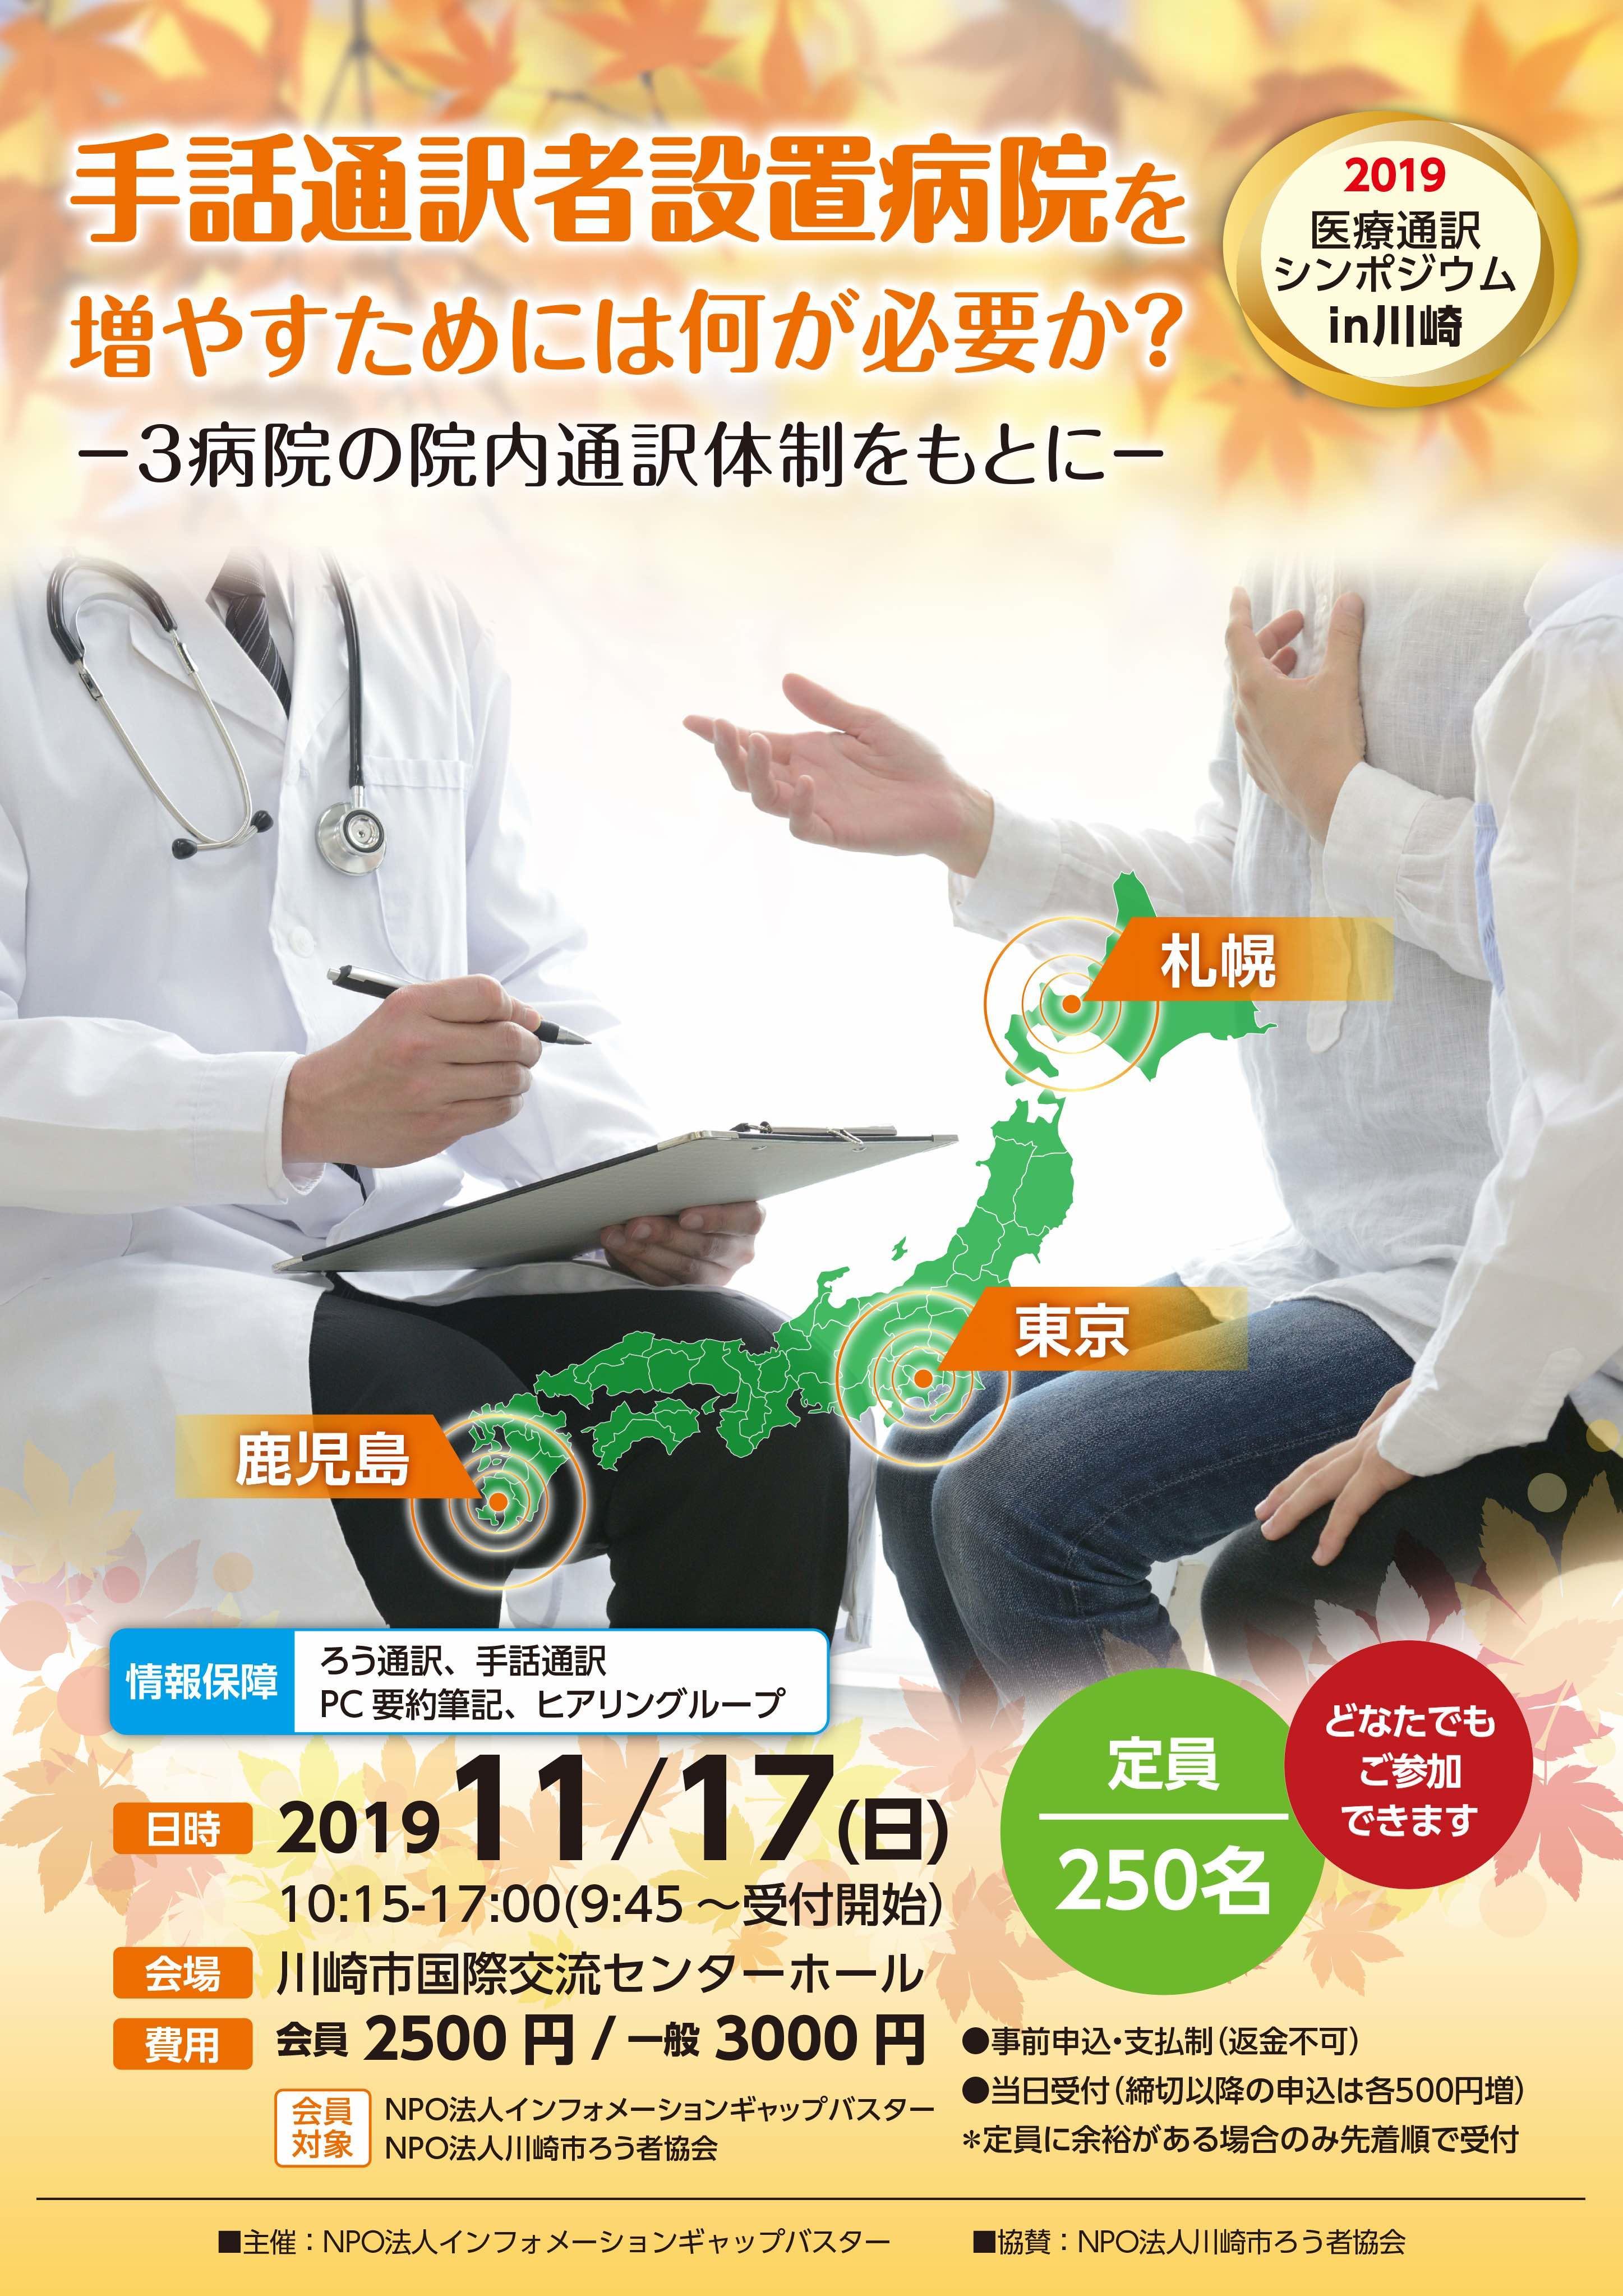 https://blogs.itmedia.co.jp/infogapbuster/e6db08bedc5b9dad2e9c38d4b2c4589a3ae4b72b.jpg